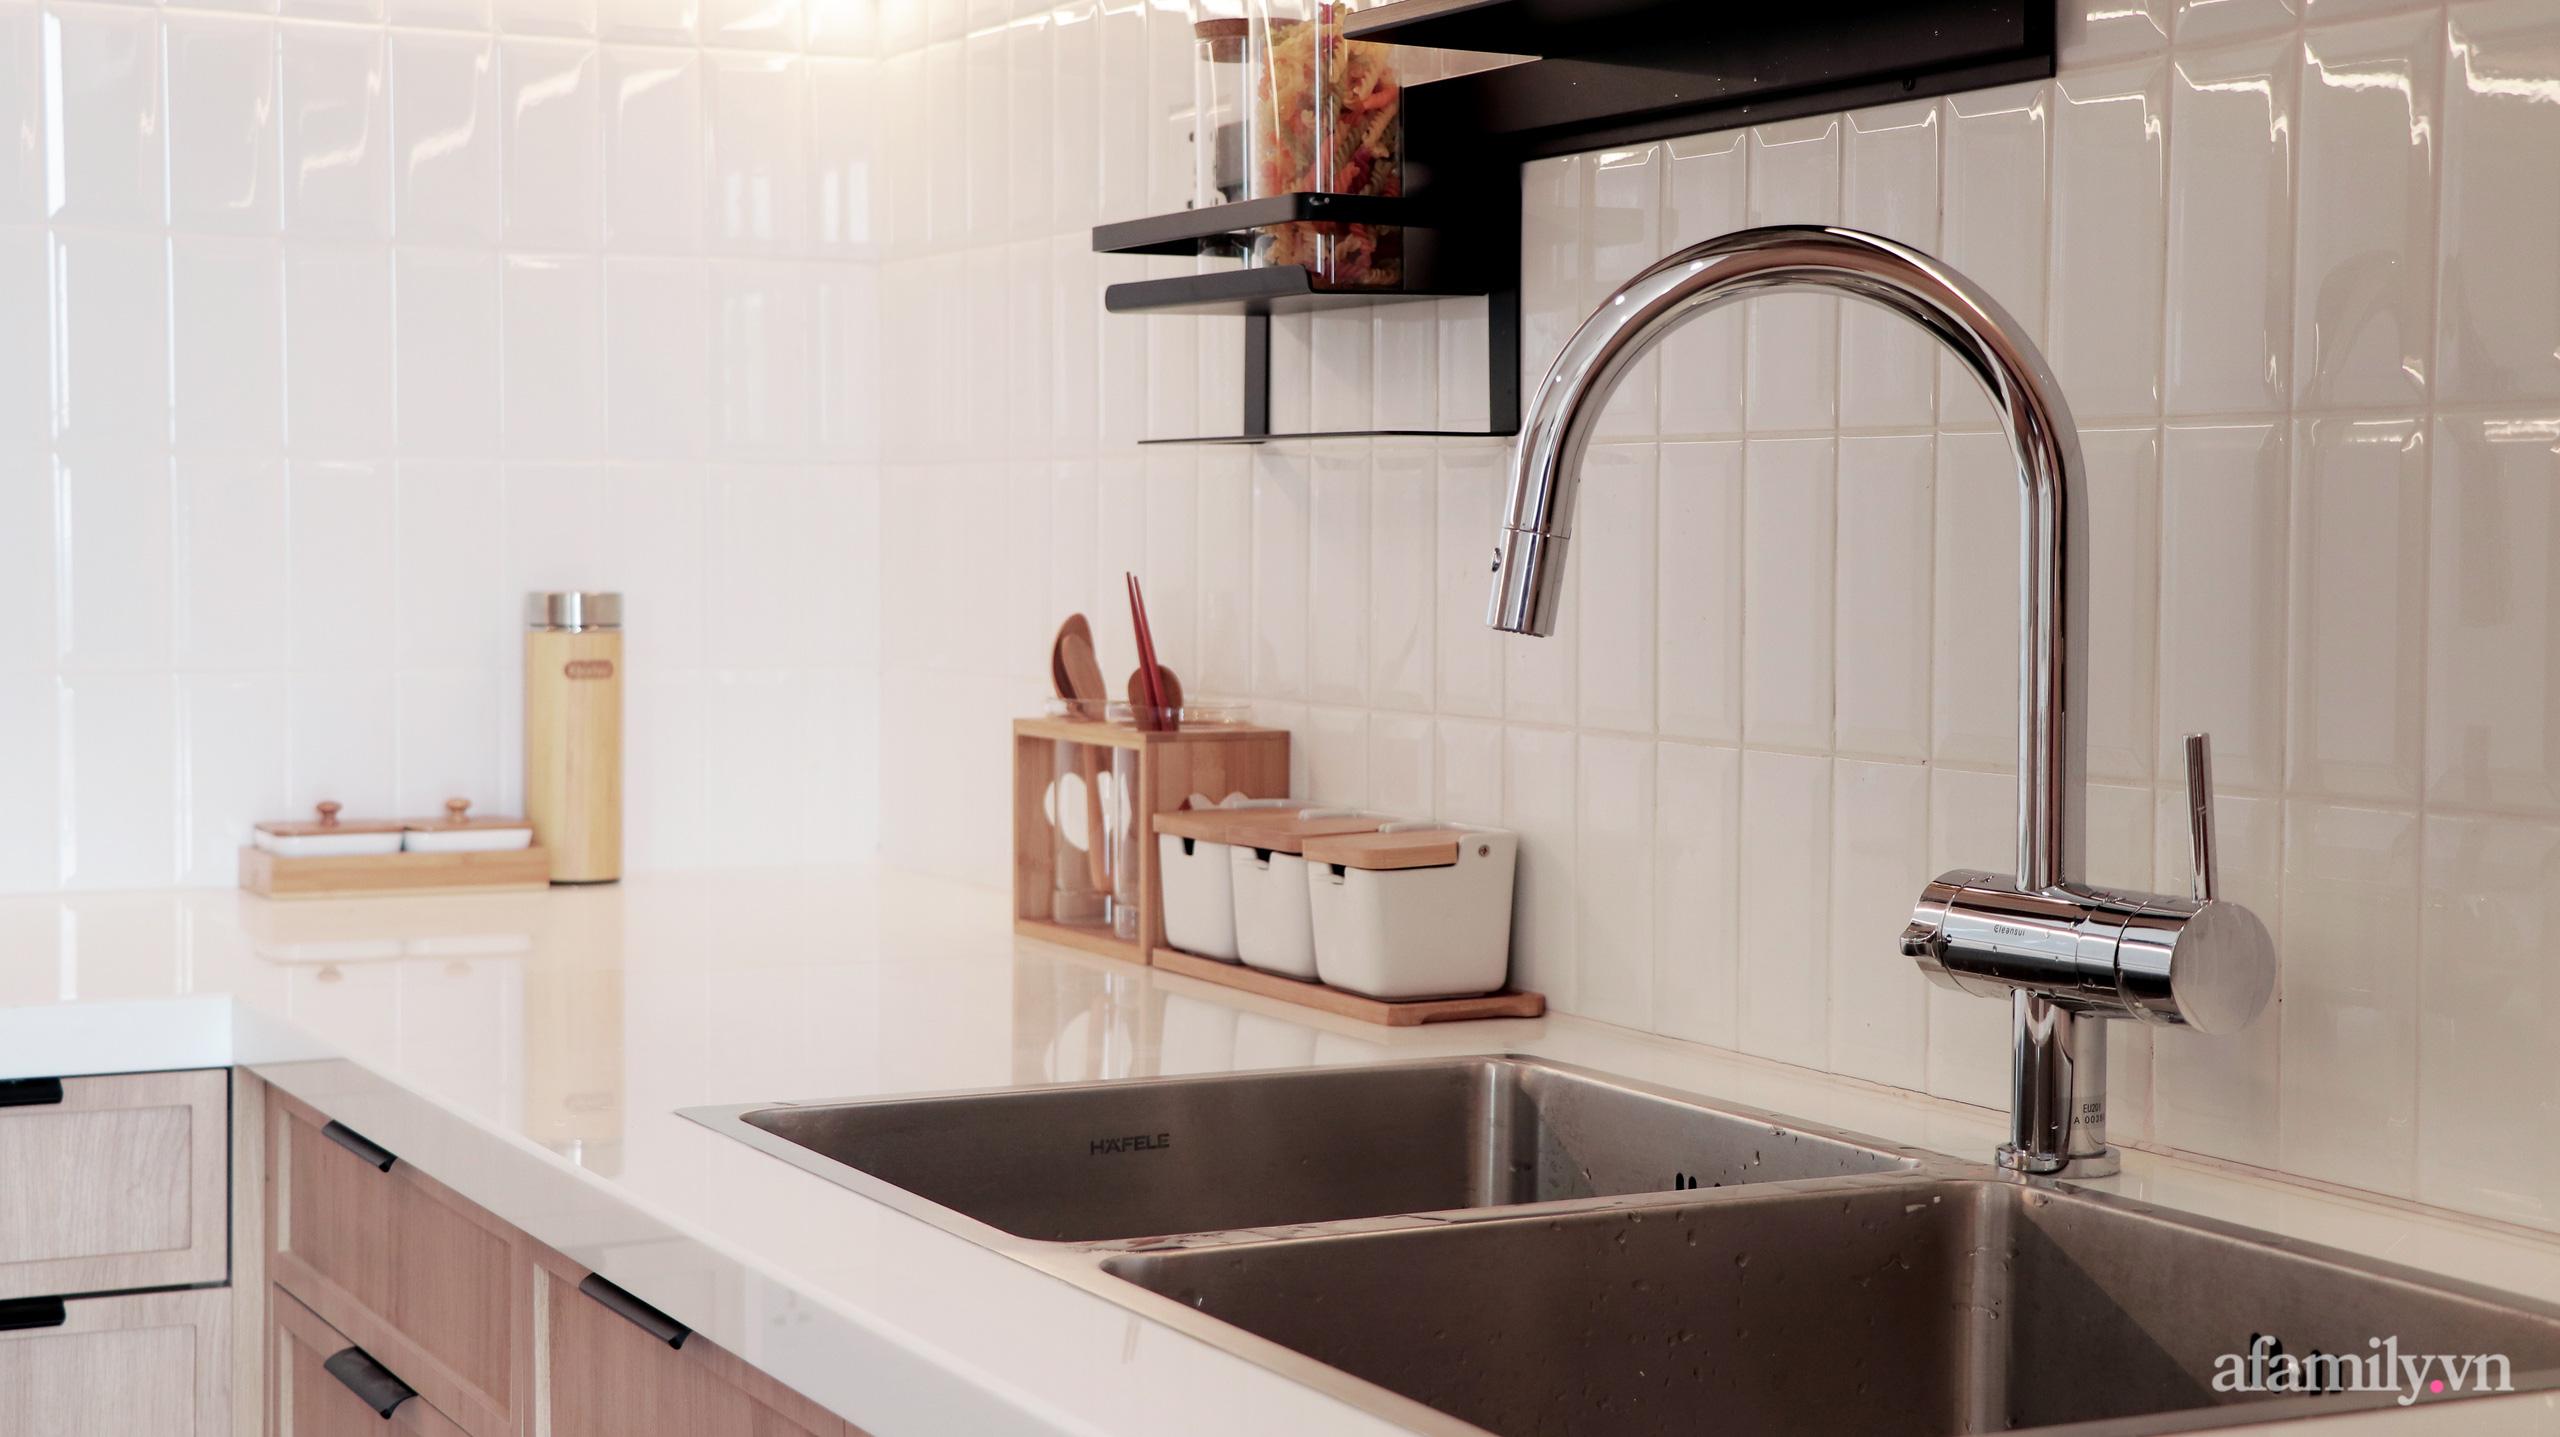 Căn hộ 72m² cực ít đồ đạc vẫn đẹp tinh tế và tiện dụng nhờ thiết kế nội thất thông minh ở Sài Gòn - Ảnh 7.